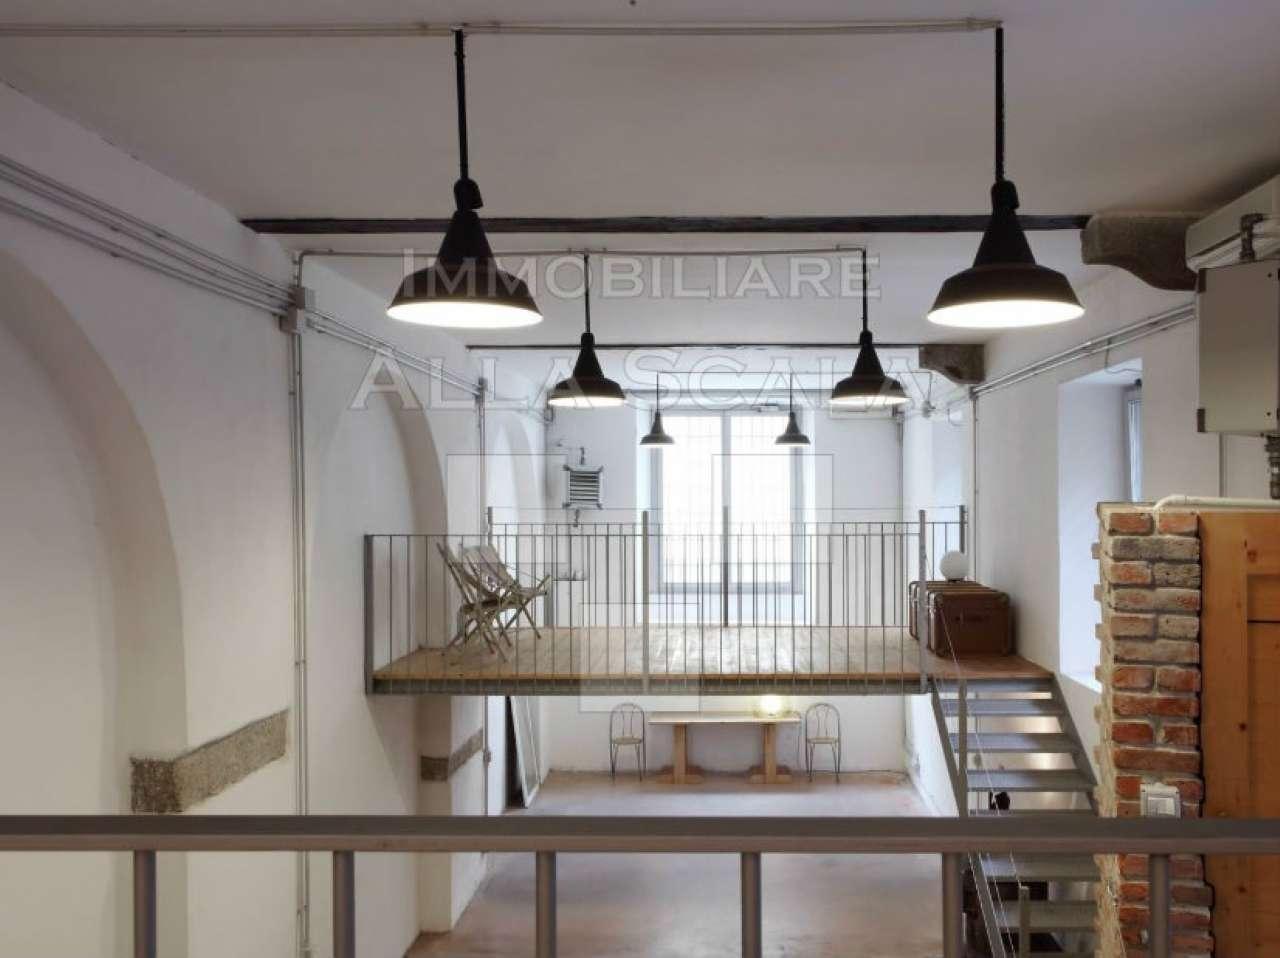 Laboratorio in vendita a Milano, 3 locali, zona Zona: 10 . P.ta Genova, Romolo, Solari, Savona, Tortona, prezzo € 420.000 | Cambio Casa.it